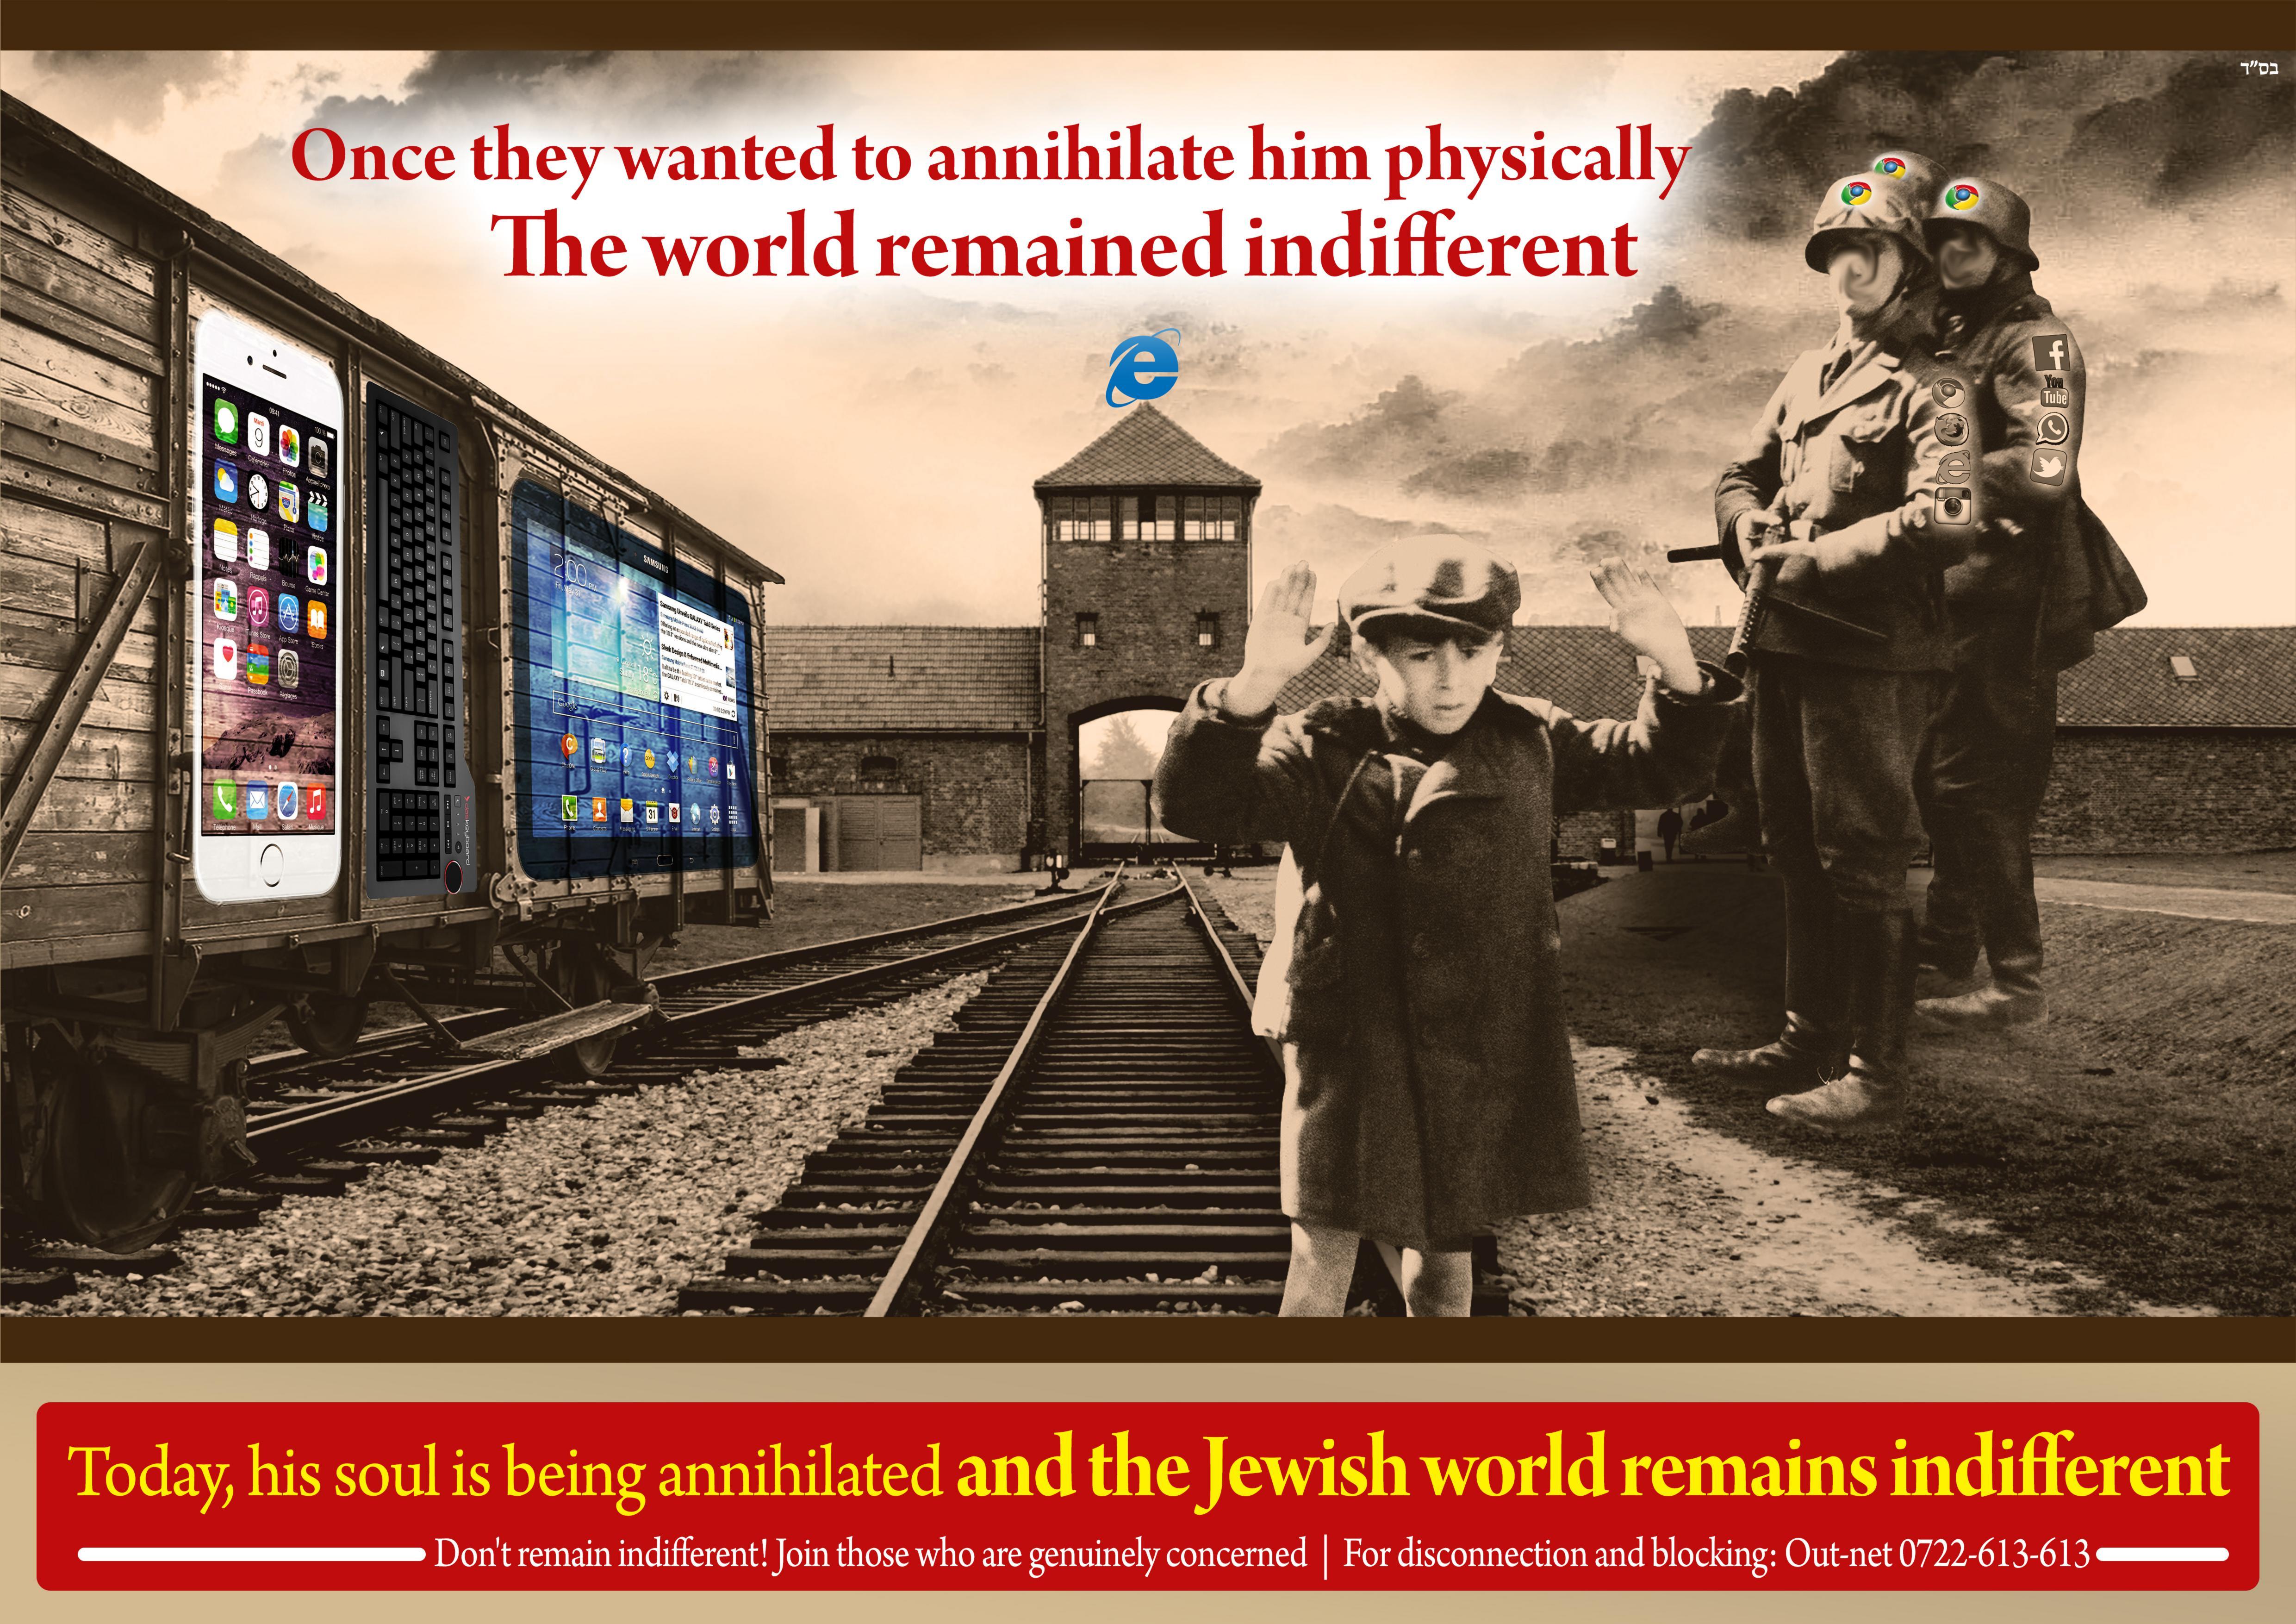 השואה האיומה